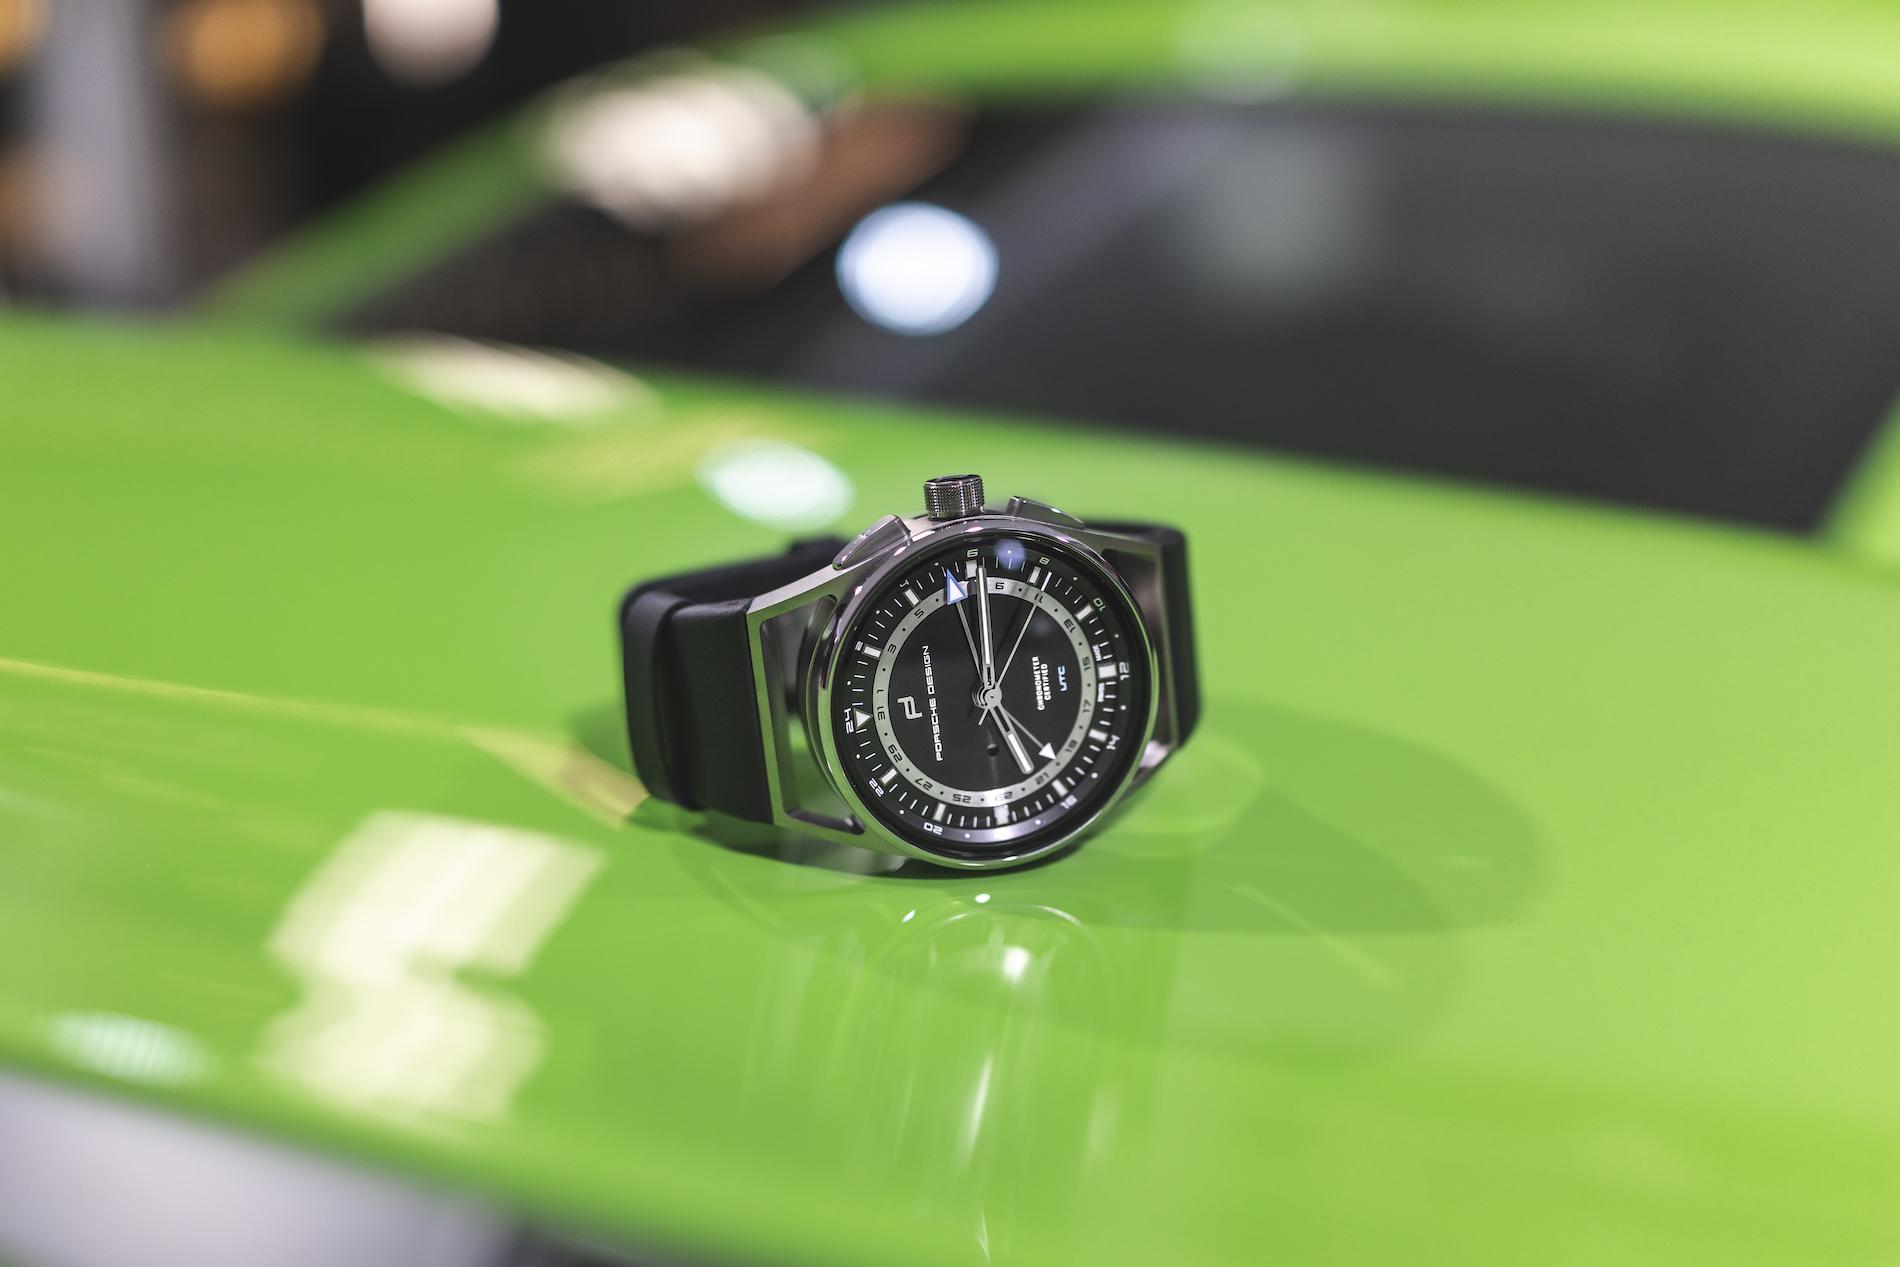 Die Porsche Design 1919 Globetimer UTC: Wertigkeit, Eleganz und Präzision weltweit 6